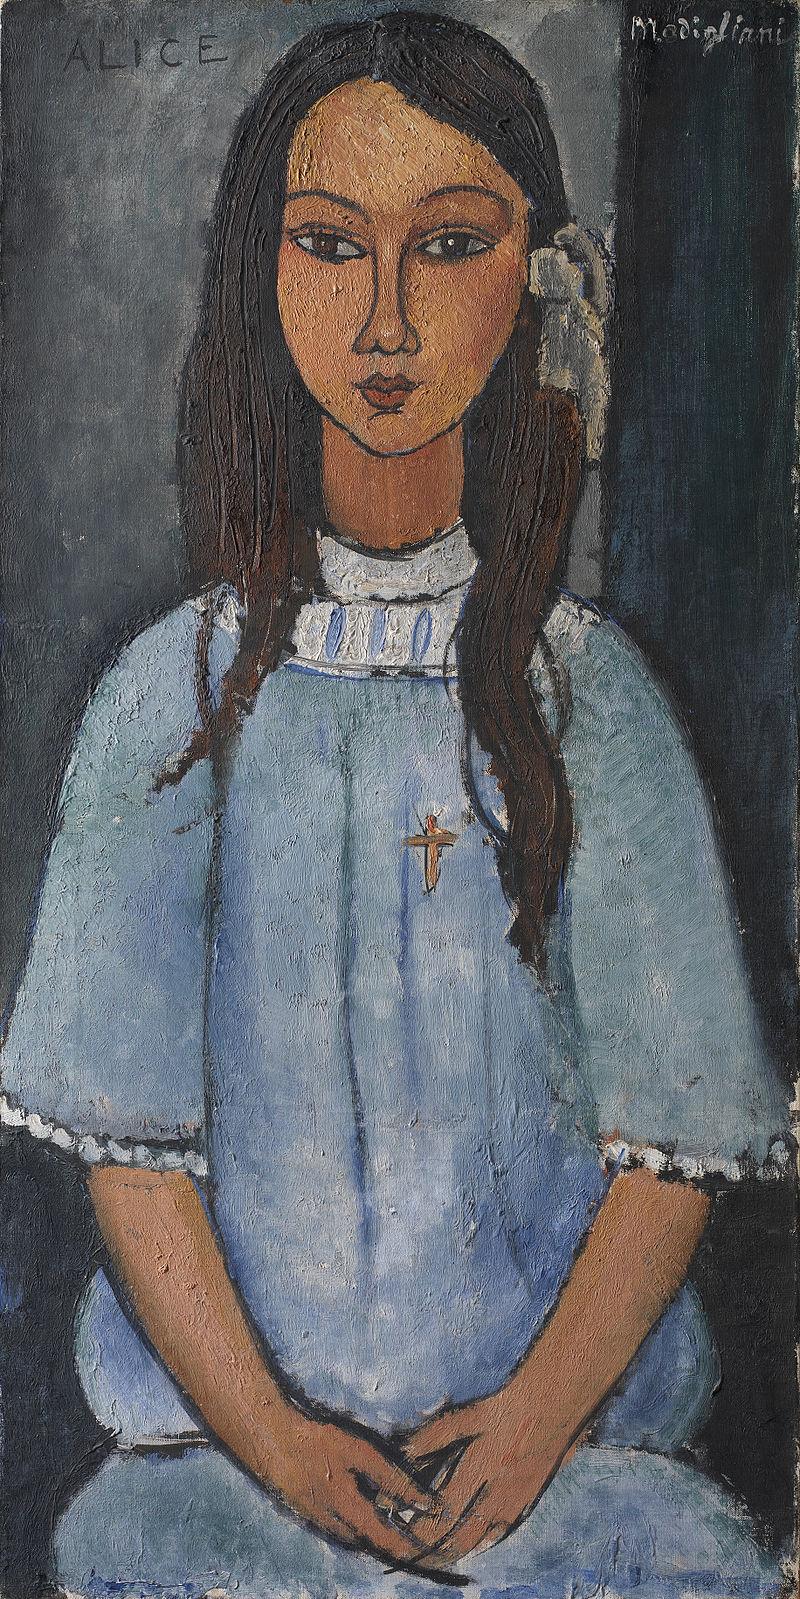 'Alice' de Amadeo Modigliani. Imagen: SMK.